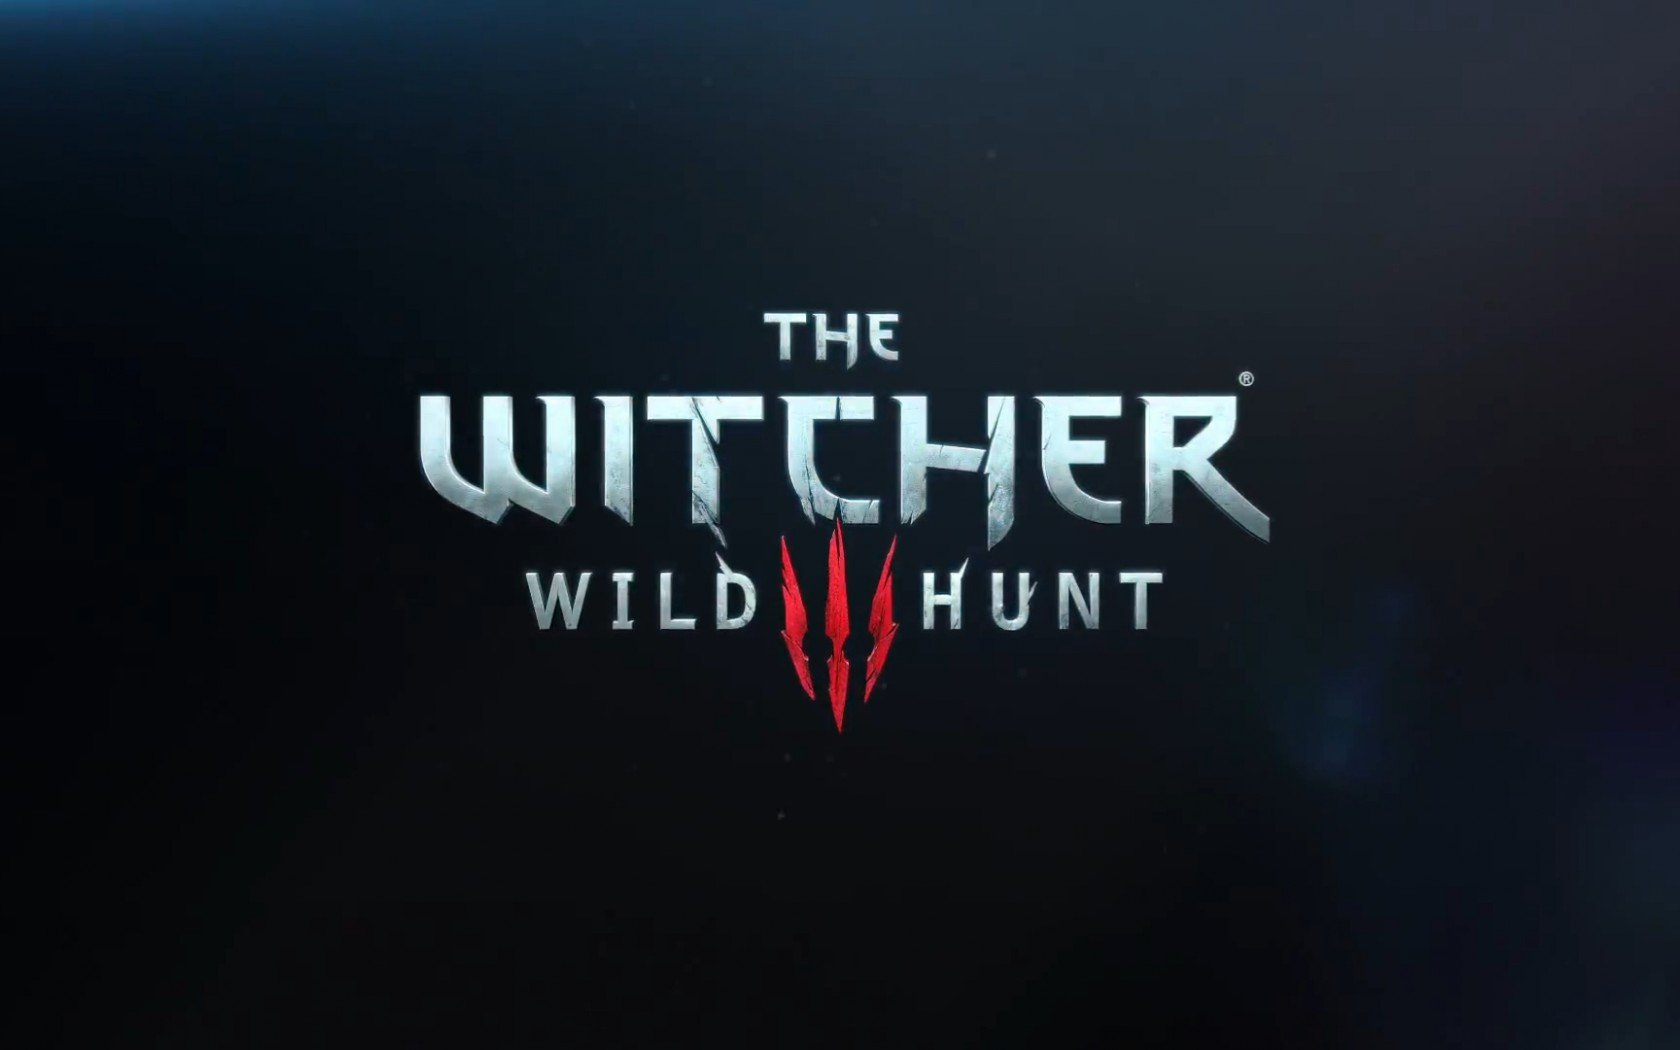 The Witcher 3: Wild Hunt ушел на золото!     CD PROJEKT RED сообщают, что игра «Ведьмак 3: Дикая Охота» ушла на золо .... - Изображение 1